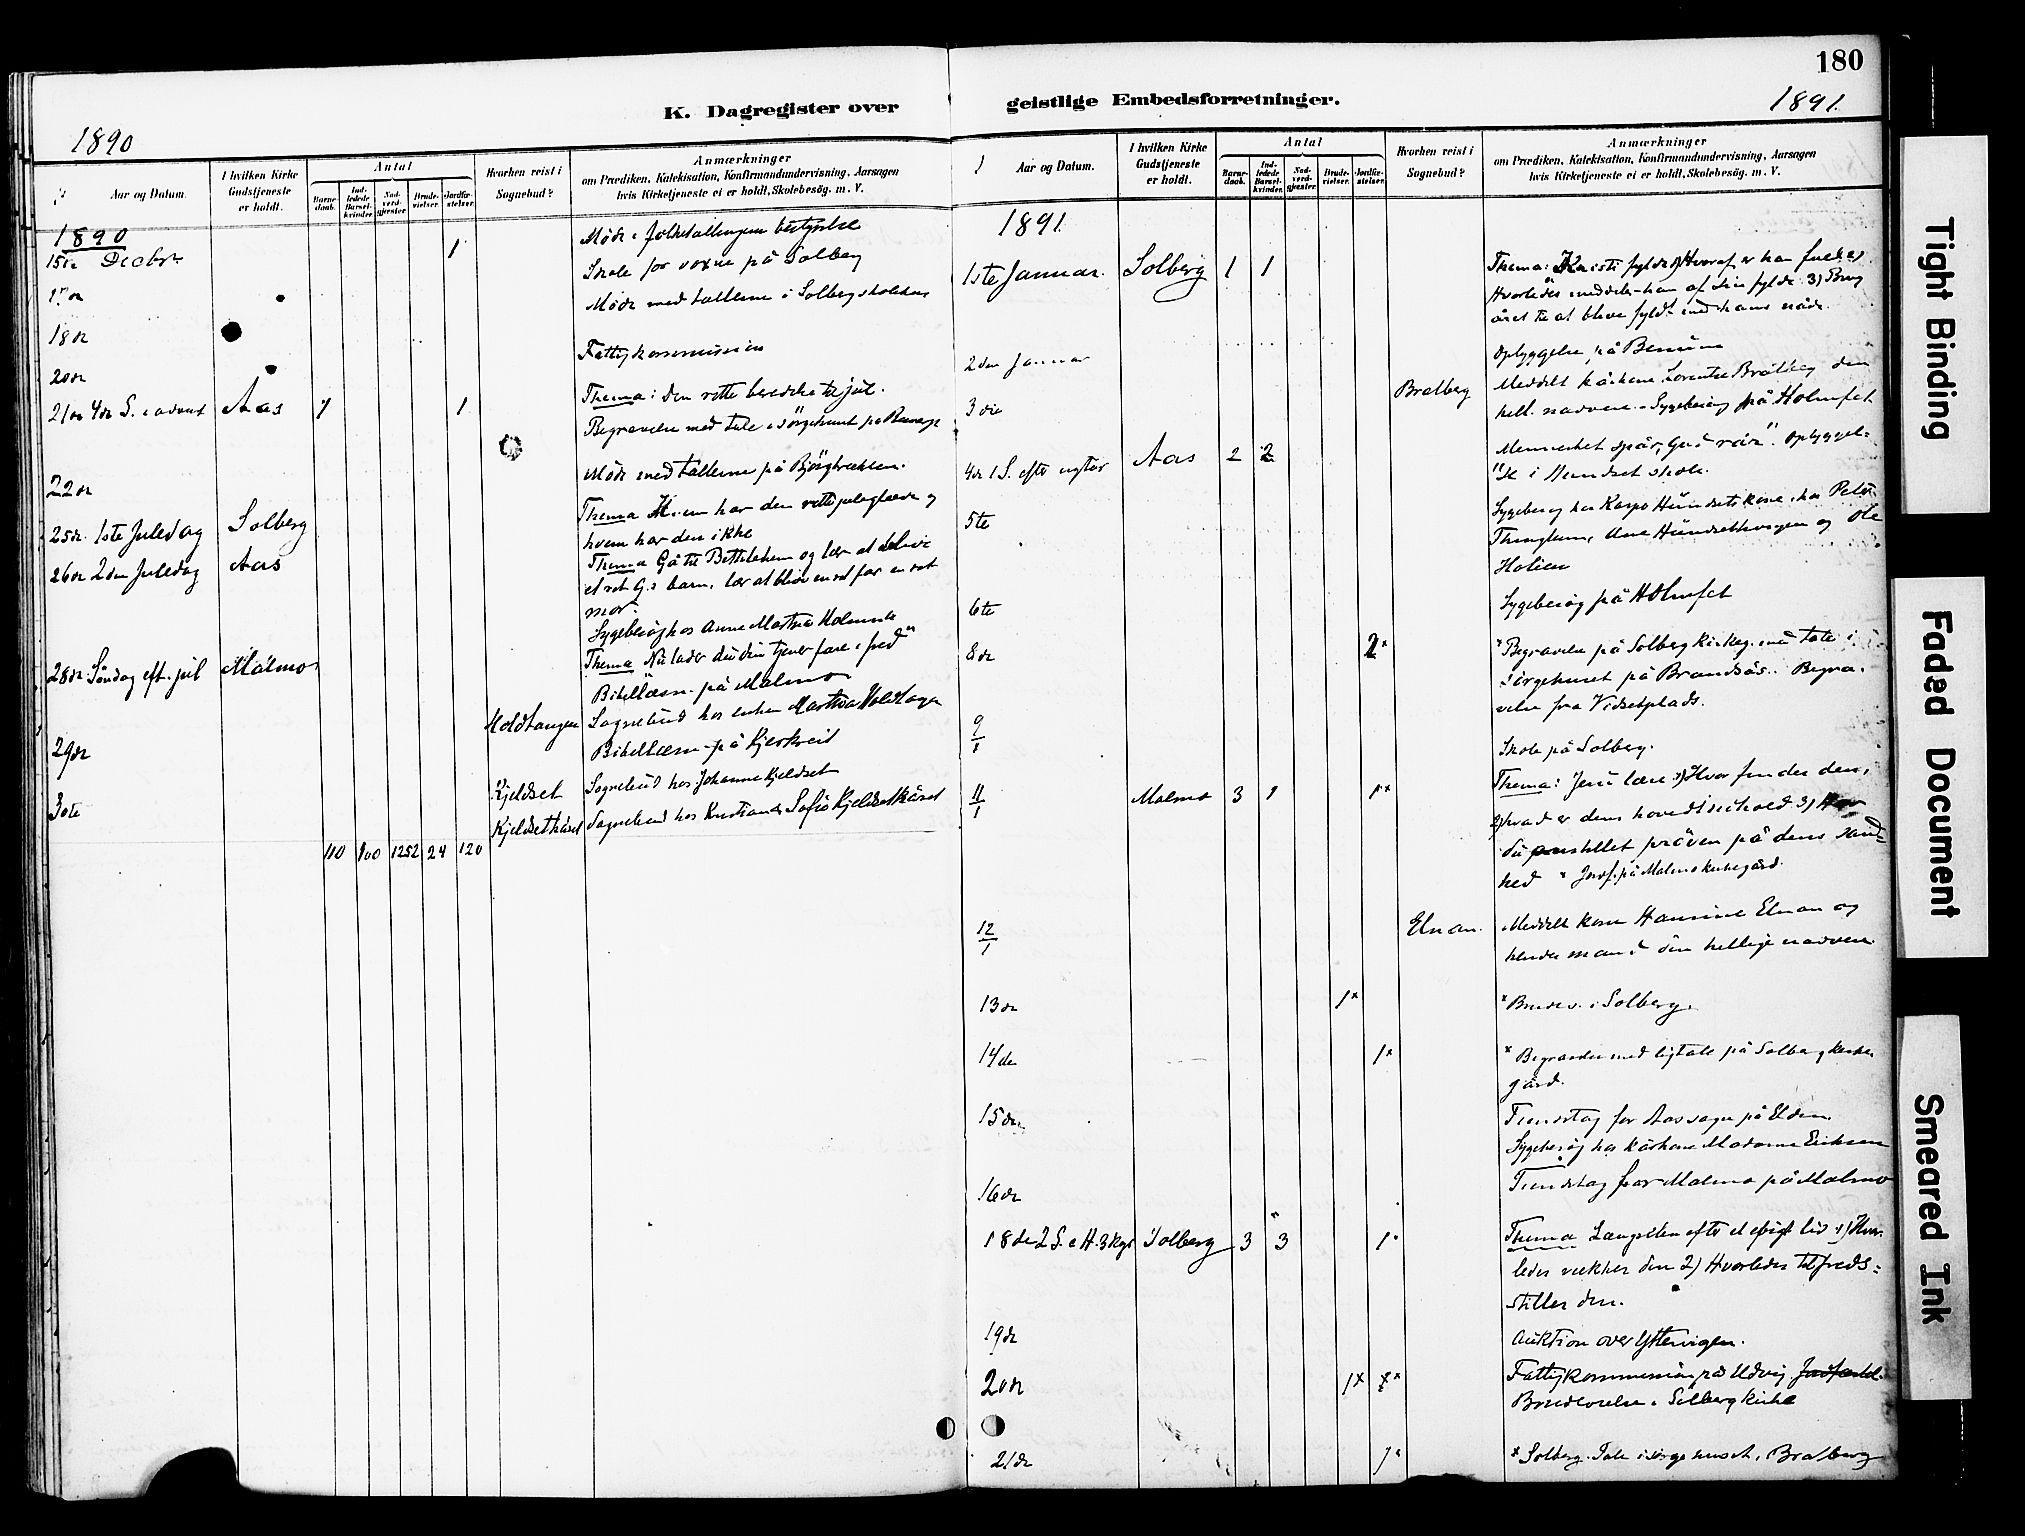 SAT, Ministerialprotokoller, klokkerbøker og fødselsregistre - Nord-Trøndelag, 741/L0396: Ministerialbok nr. 741A10, 1889-1901, s. 180